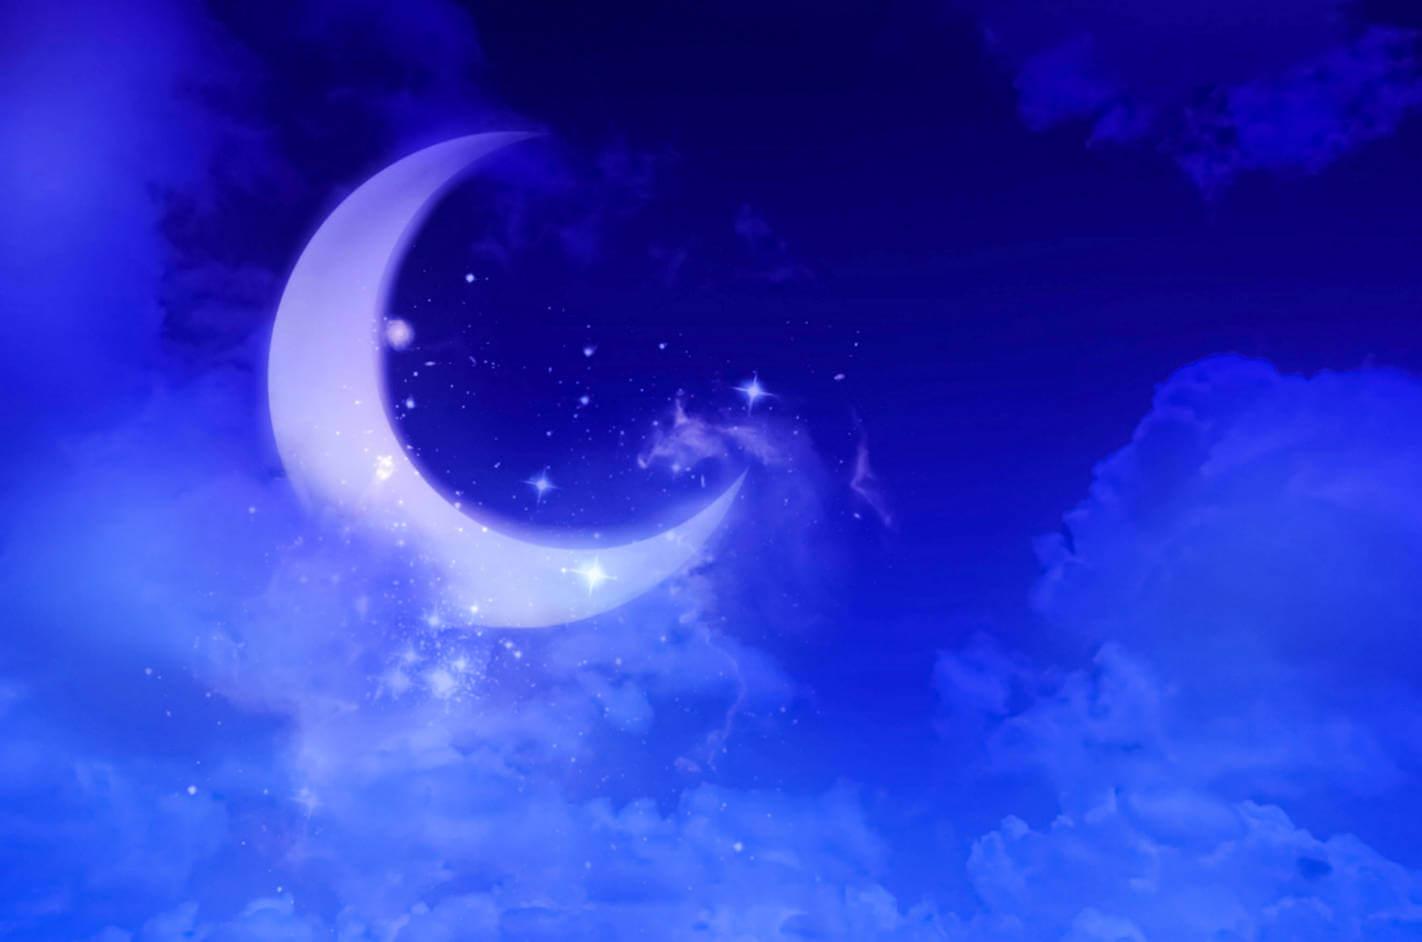 夜空に光る美しい月と星々